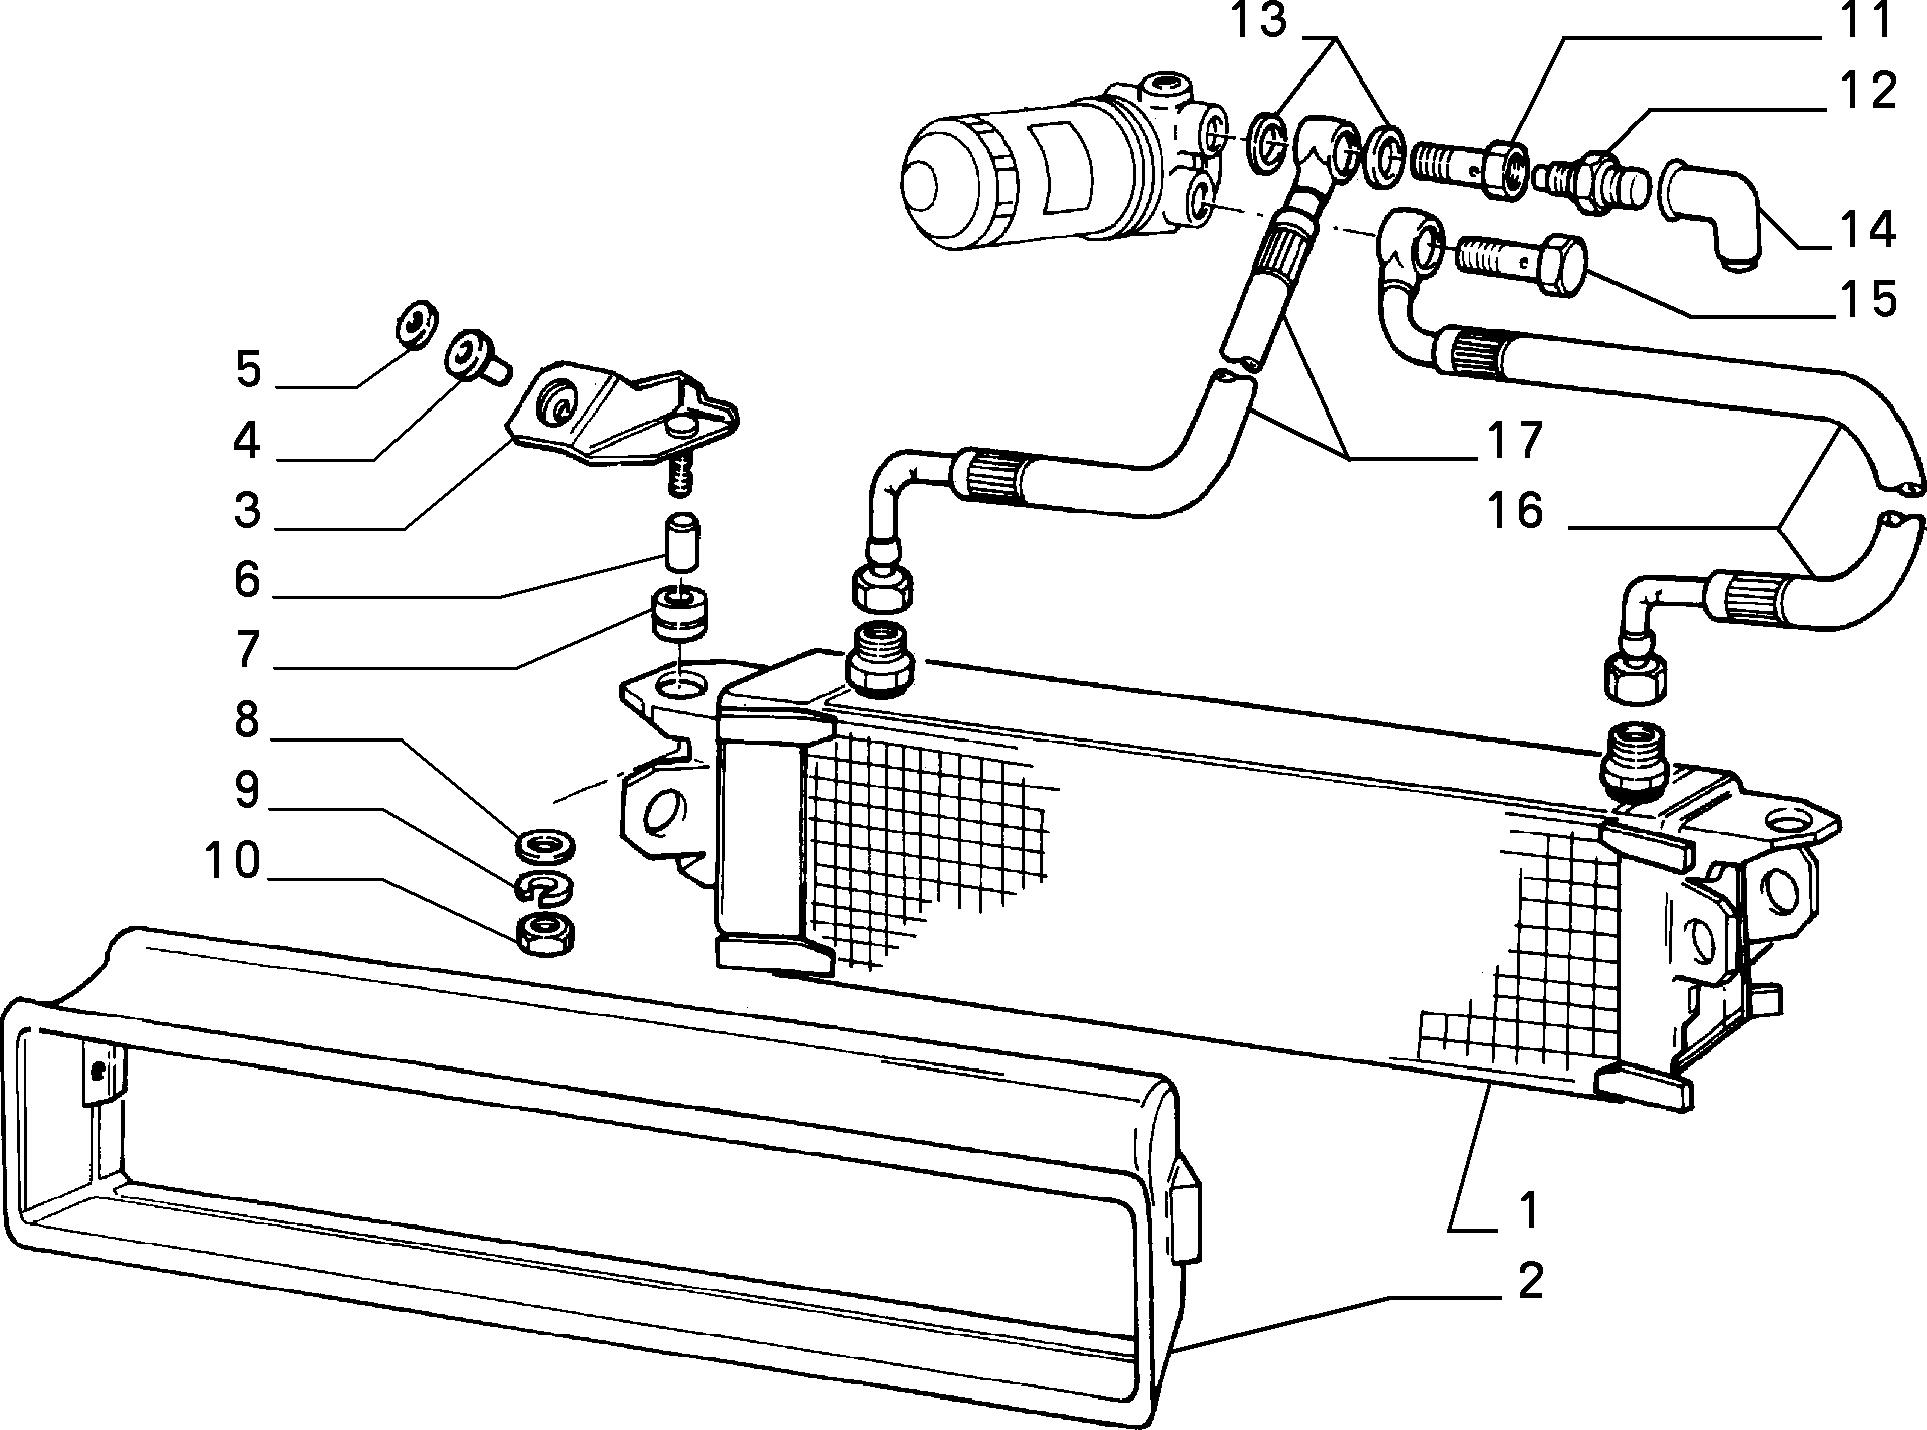 Uno uno mondo (1995-.  Масляный радиатор.  Fiat.